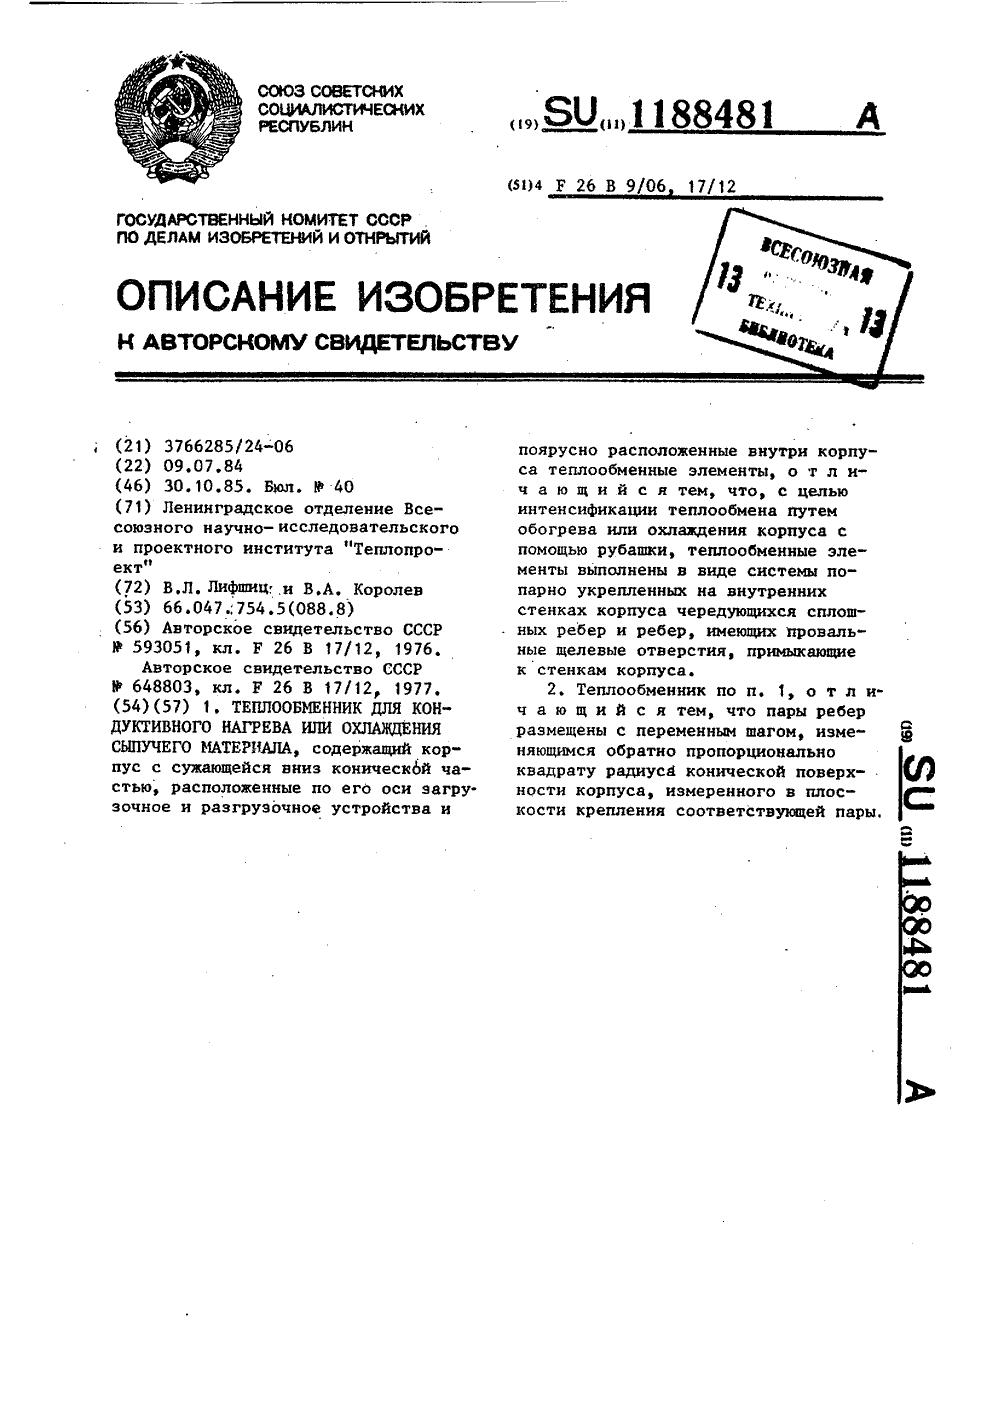 Теплообменник для транзисторов Пластинчатый теплообменник ЭТРА ЭТ-0411 Орёл